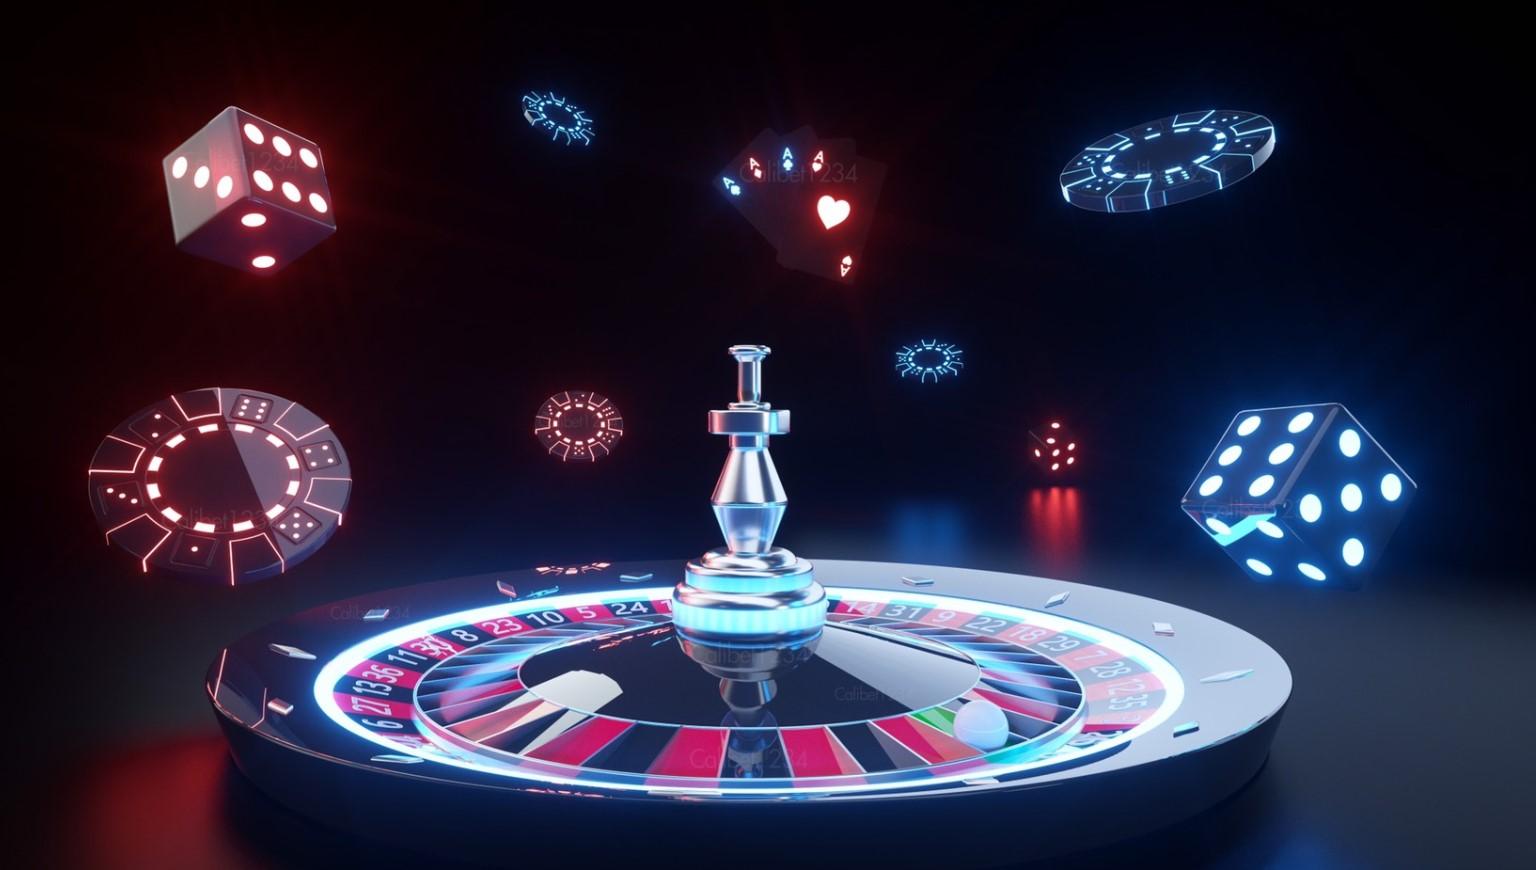 UFA casino เล่นคาสิโนออนไลน์ฟรีเงิน